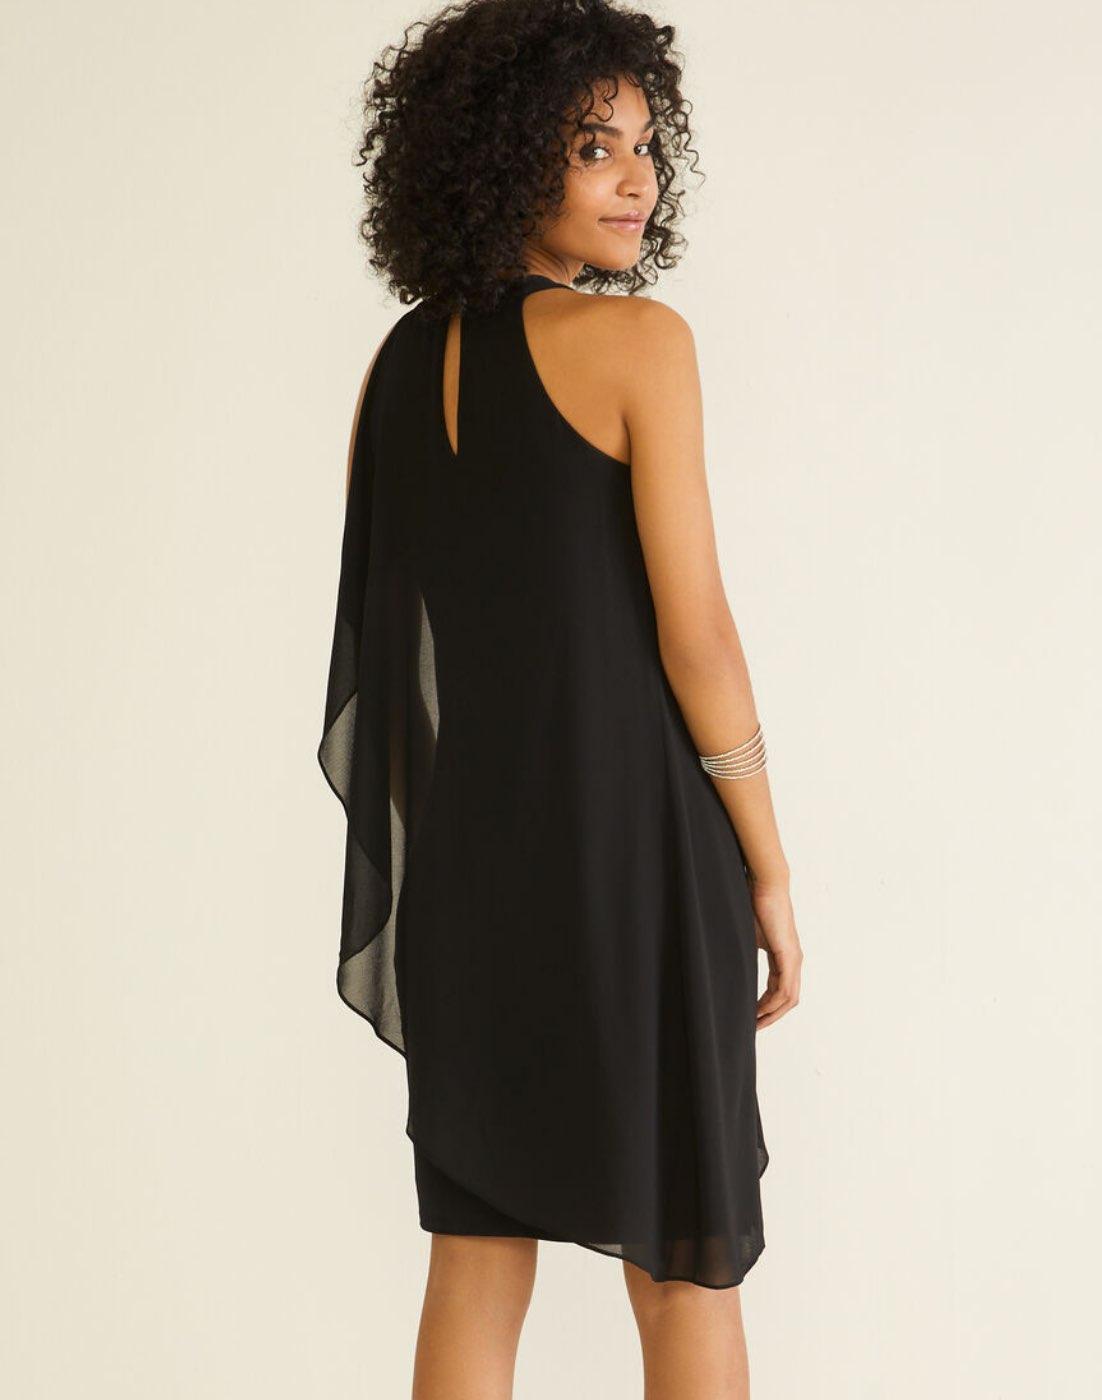 Laura Petites Dresses